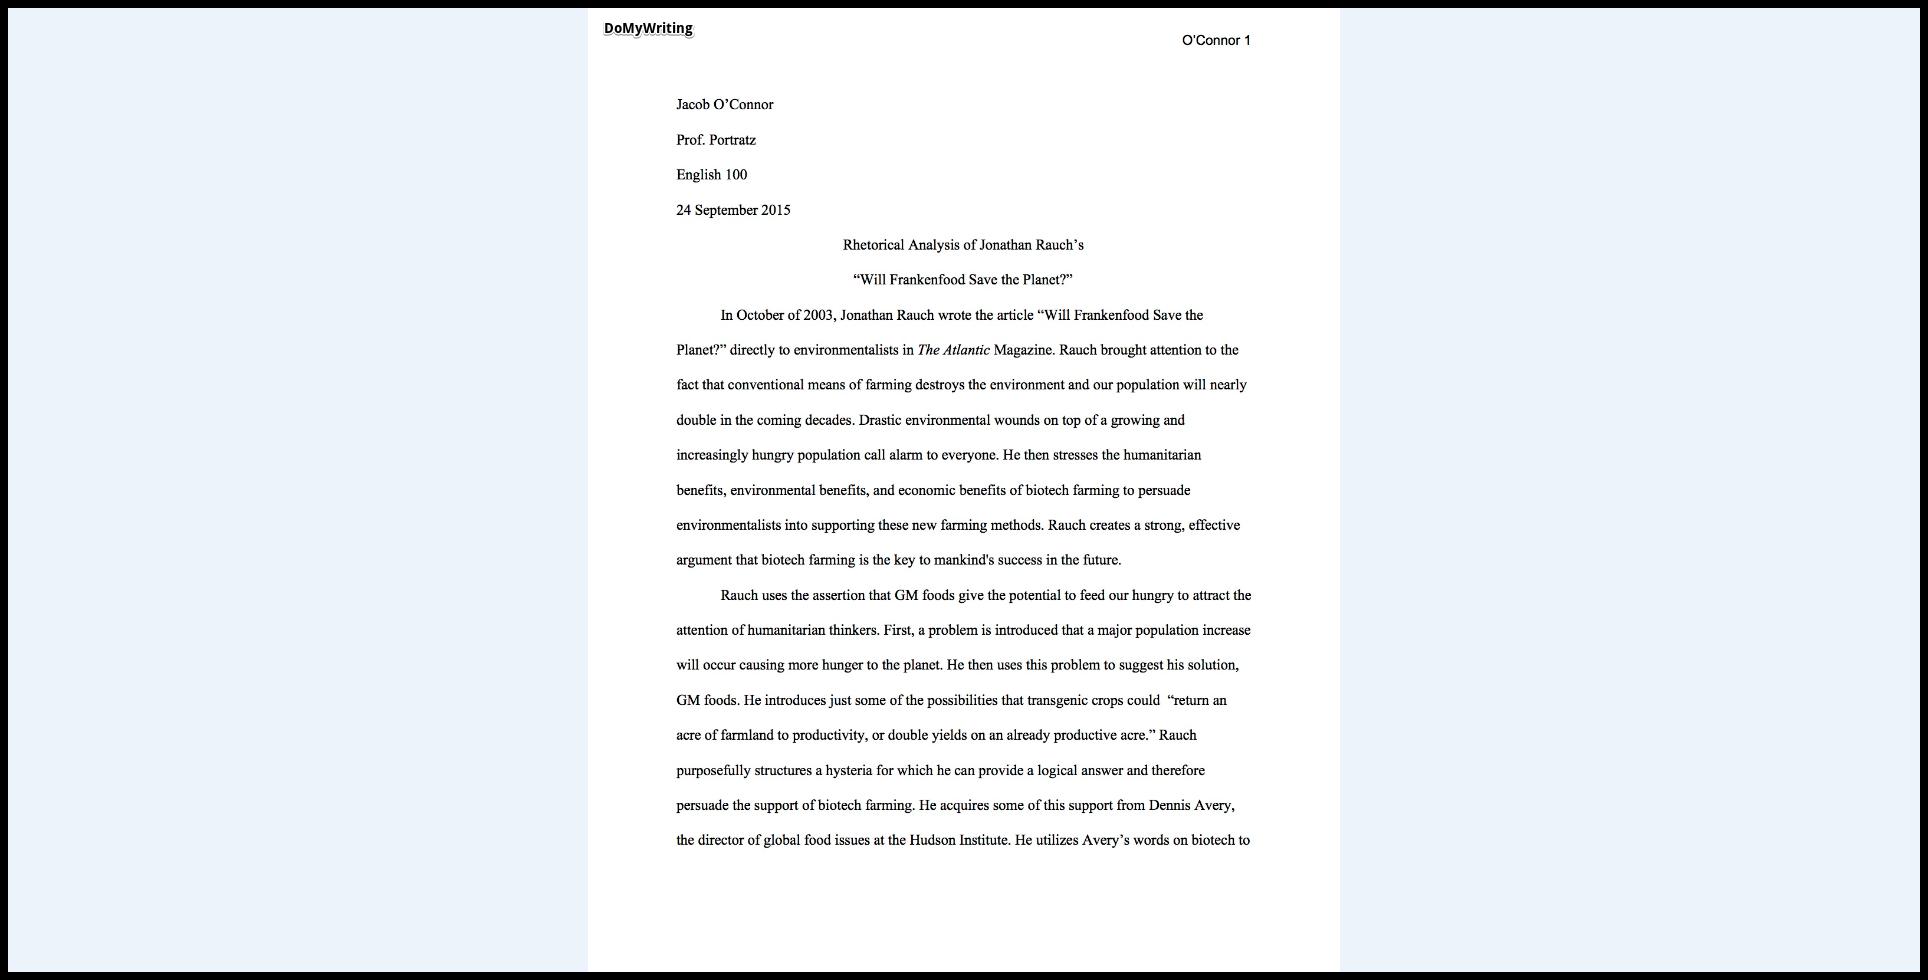 002 Essay Example Rhetorical Analysis Breathtaking Outline Sample Ap Lang Topics 2016 Full